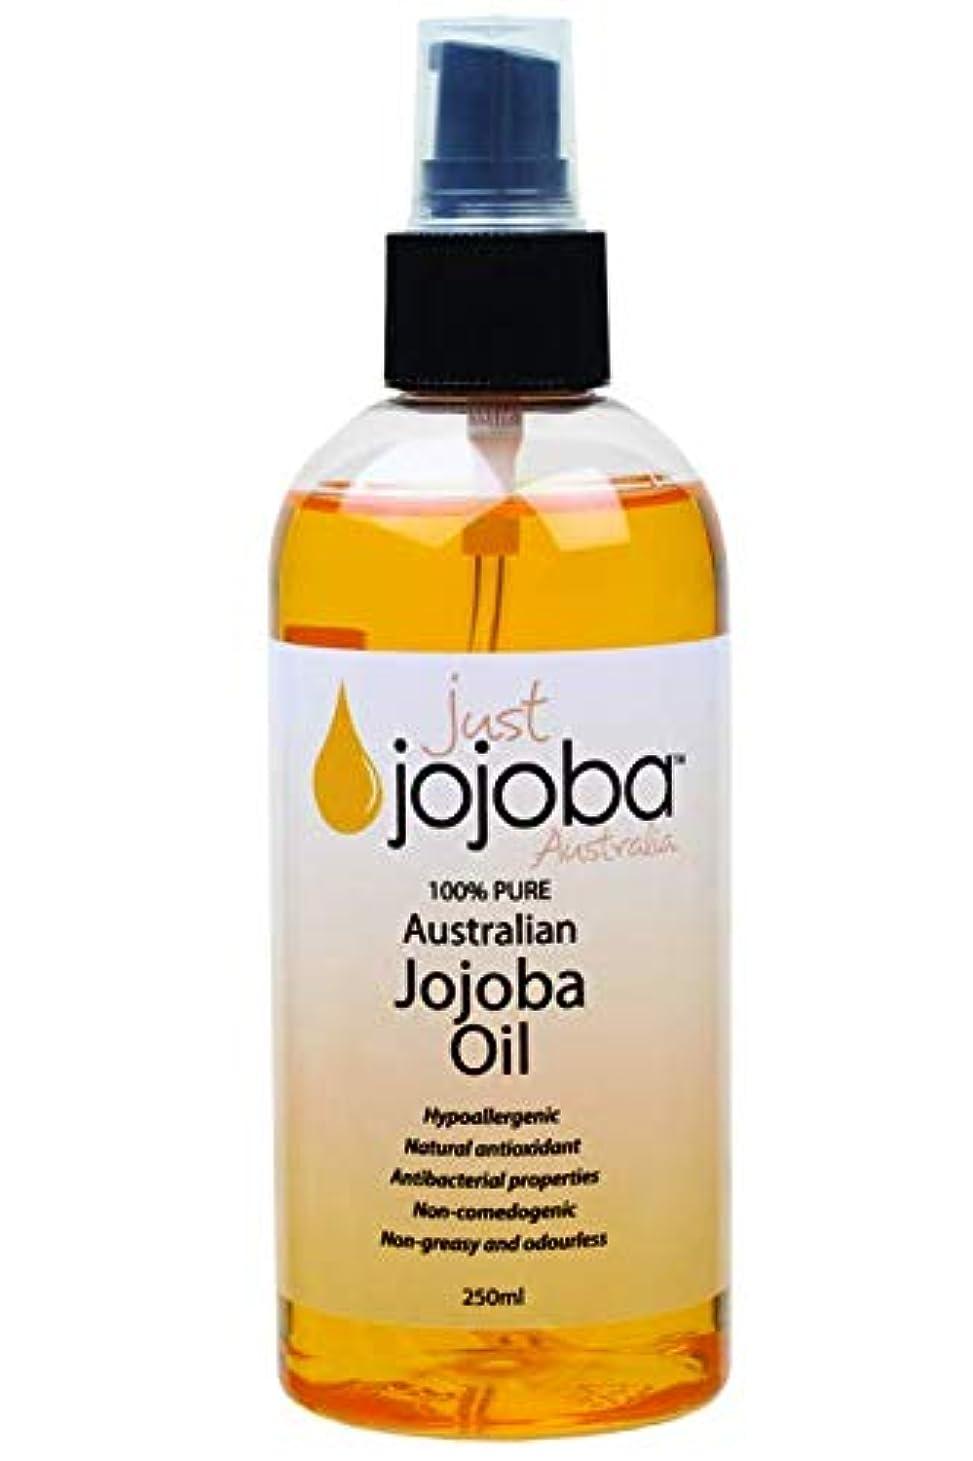 お手伝いさん幼児エーカー[Just Jojoba Australia]ジャストホホバ 100% ピュア ゴールデンホホバオイル 250ml(海外直送品)